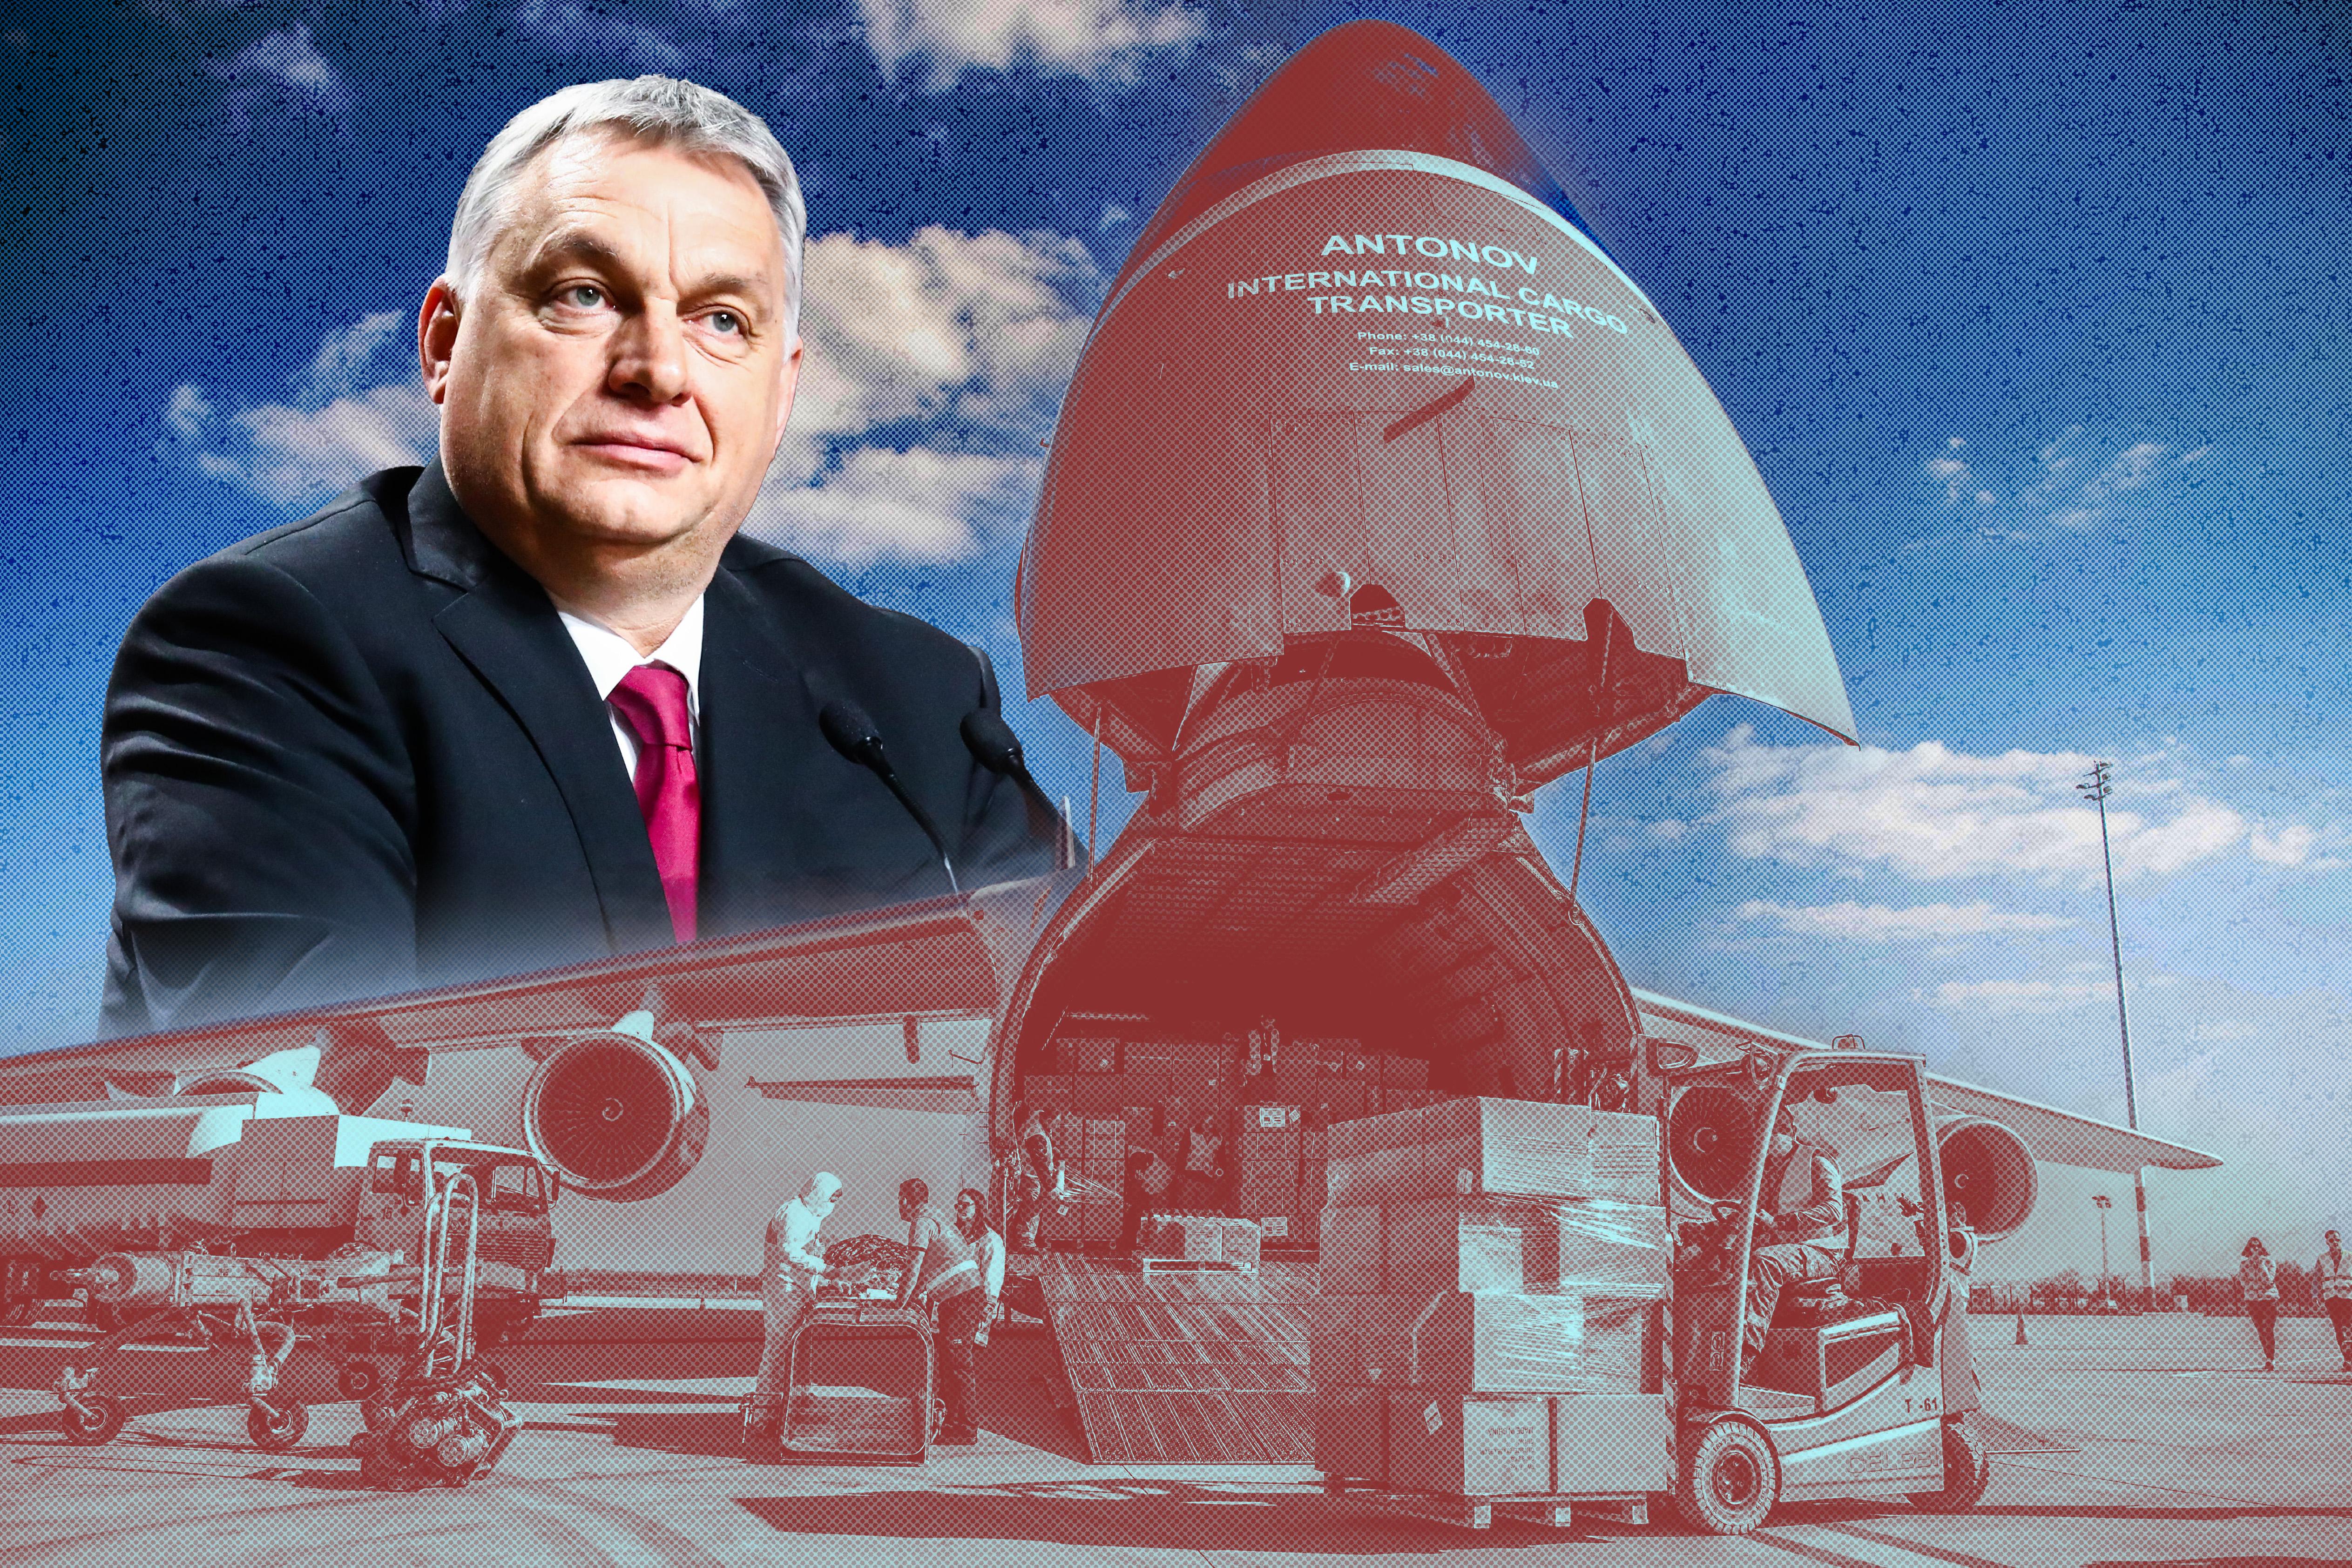 Már azt sem árulja el a kormány, hogy hány lélegeztetőgép van raktáron a tavaly vásárolt 16 ezer darabból